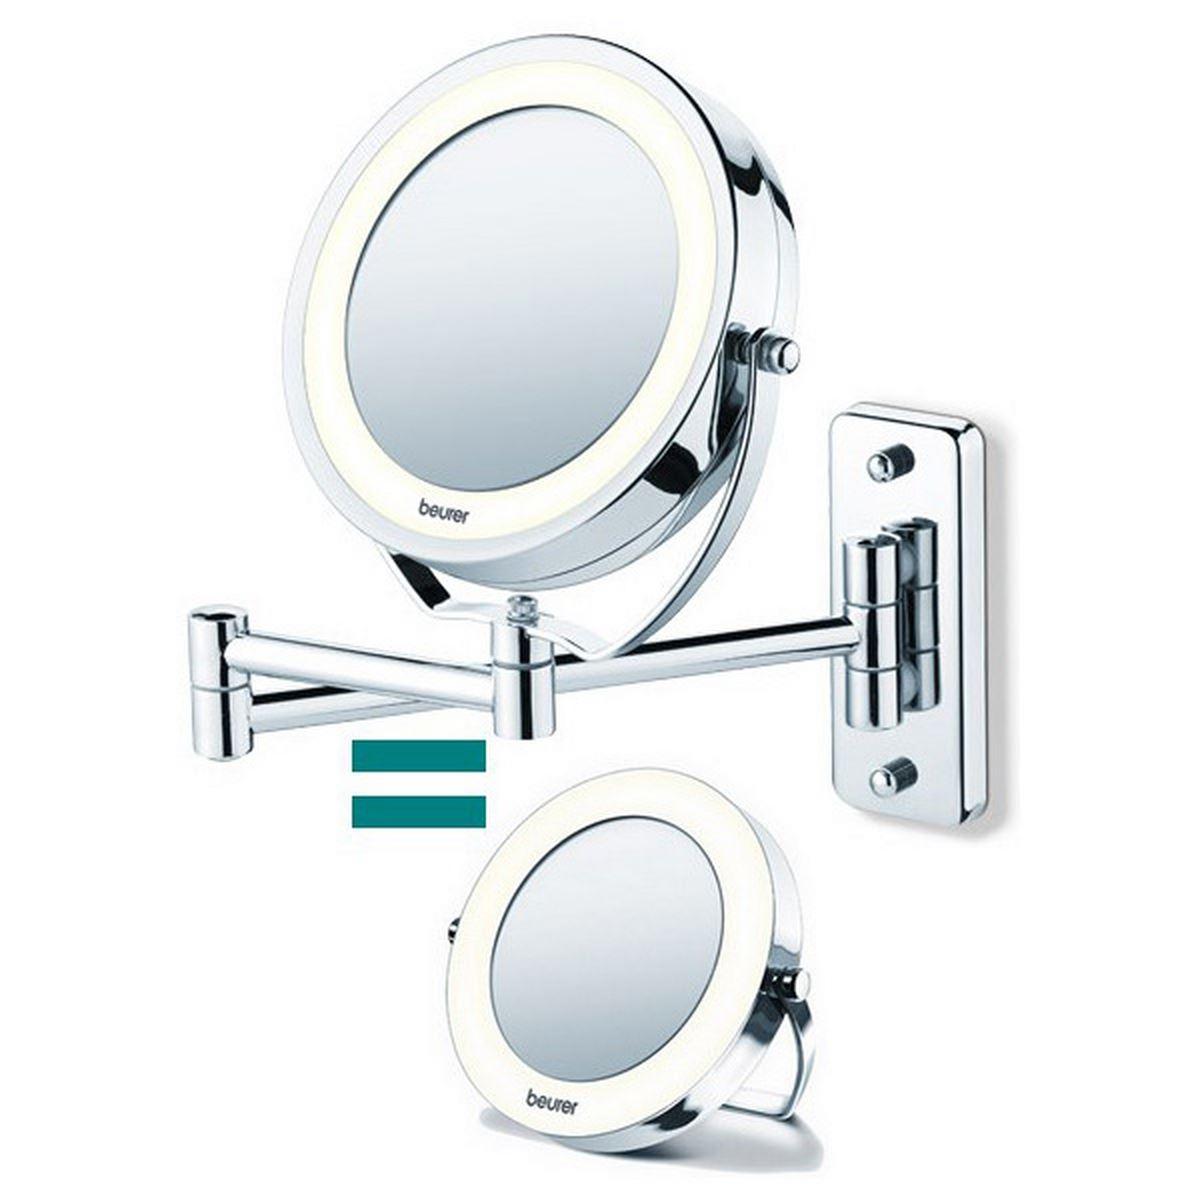 Chambre et d coration beurer miroir grossissant for Miroir grossissant ventouse